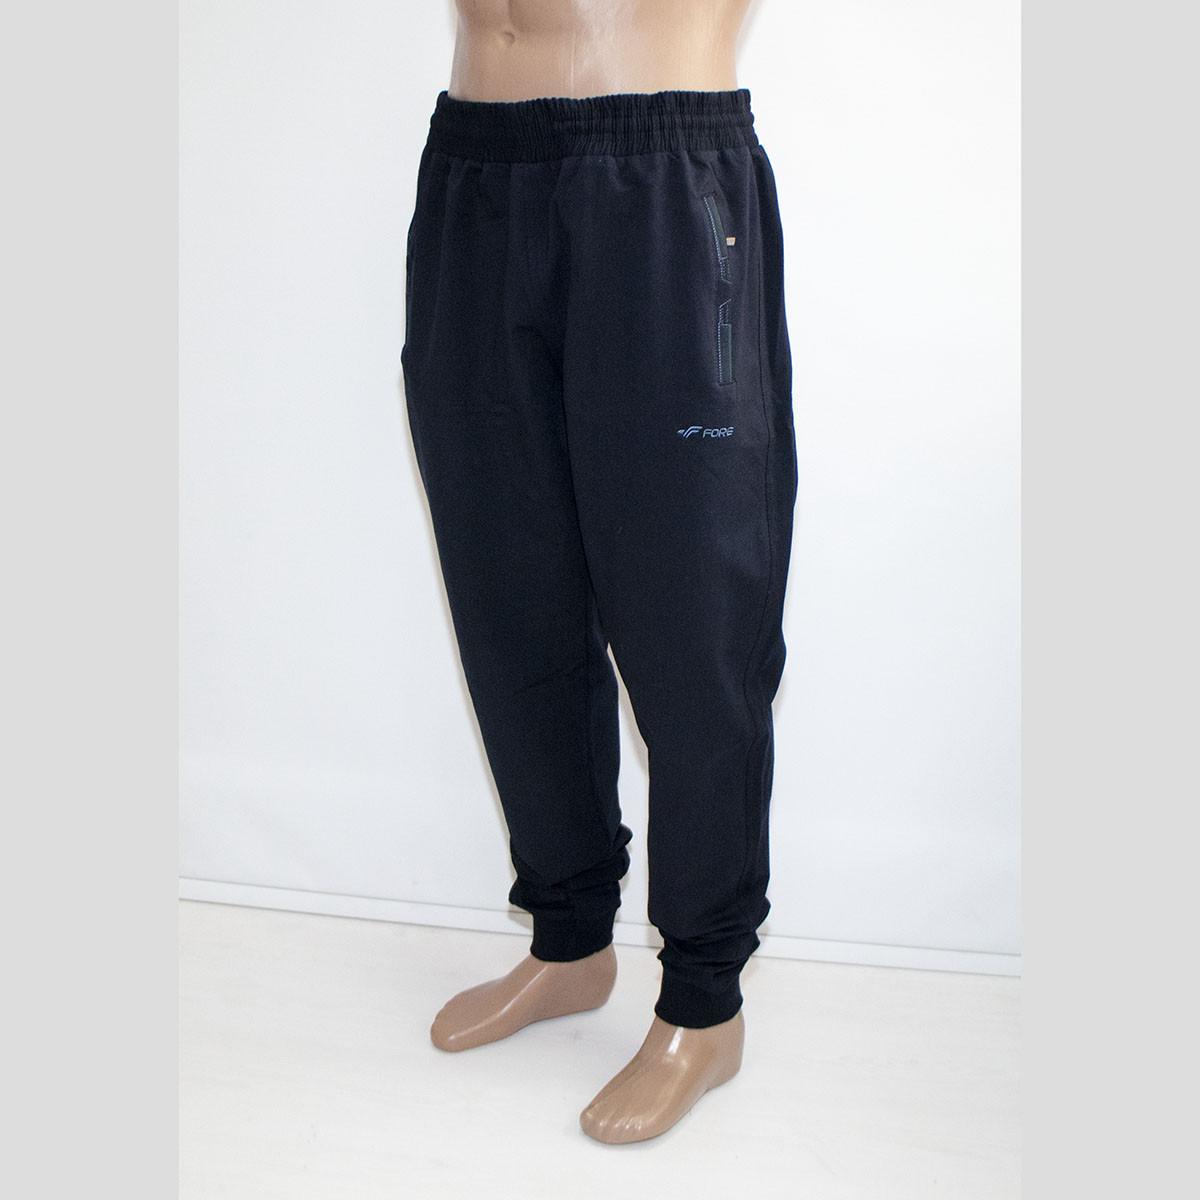 Мужские спортивные штаны под манжет большого размера тм. FORE